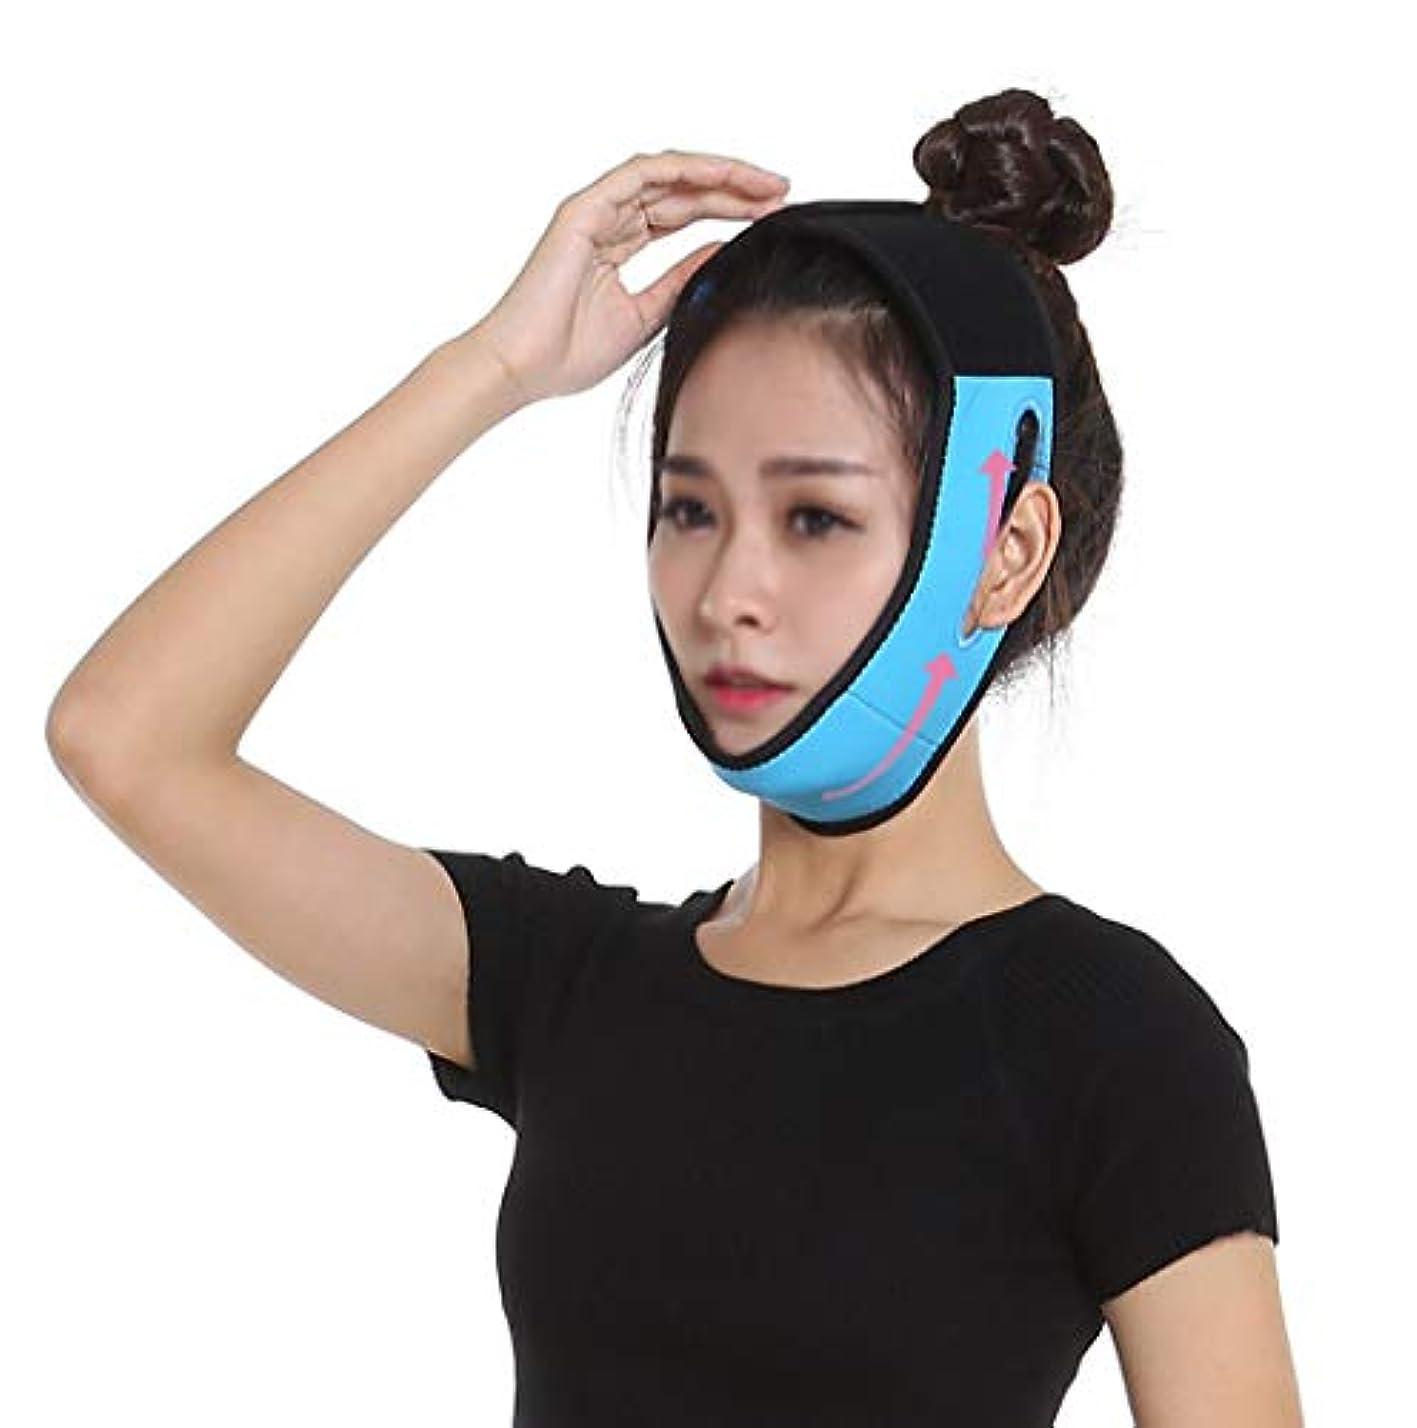 俳優ライナー喪XHLMRMJ 痩身ベルト、あごの筋肉の収縮を強化するフェイスマスクVフェイスアーティファクトマッサージマスク簡単にVフェイスリフトタイトブルー包帯を形作る